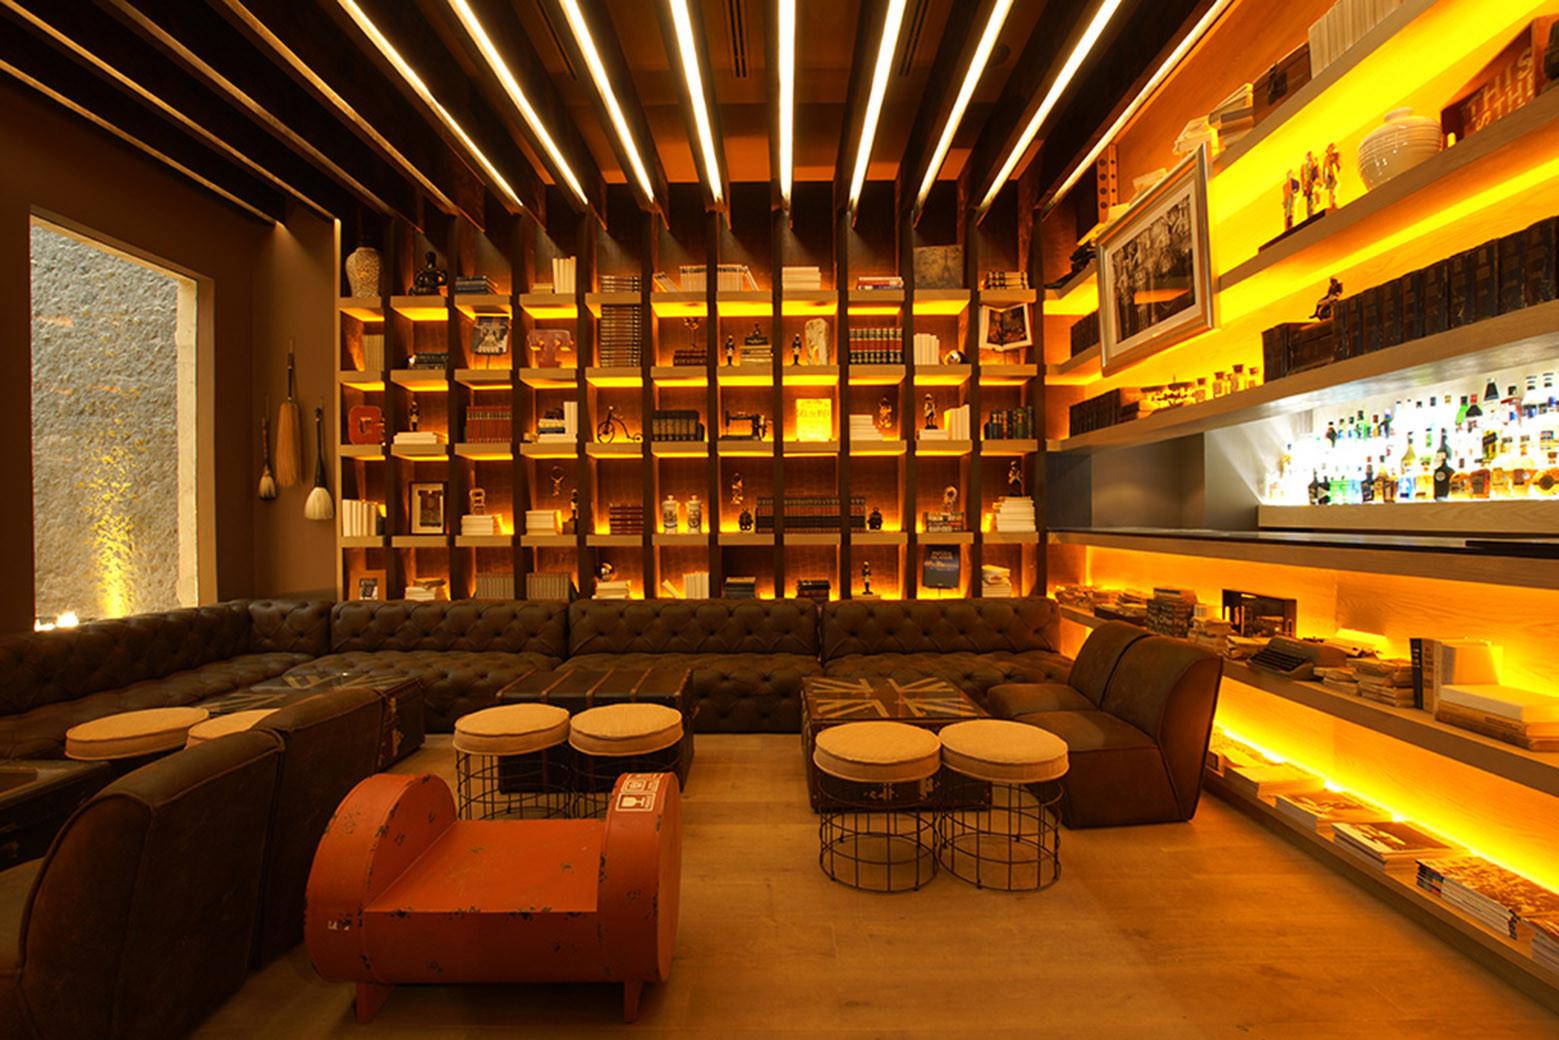 Restaurante Nueve Nueve Sordo Madaleno Arquitectos